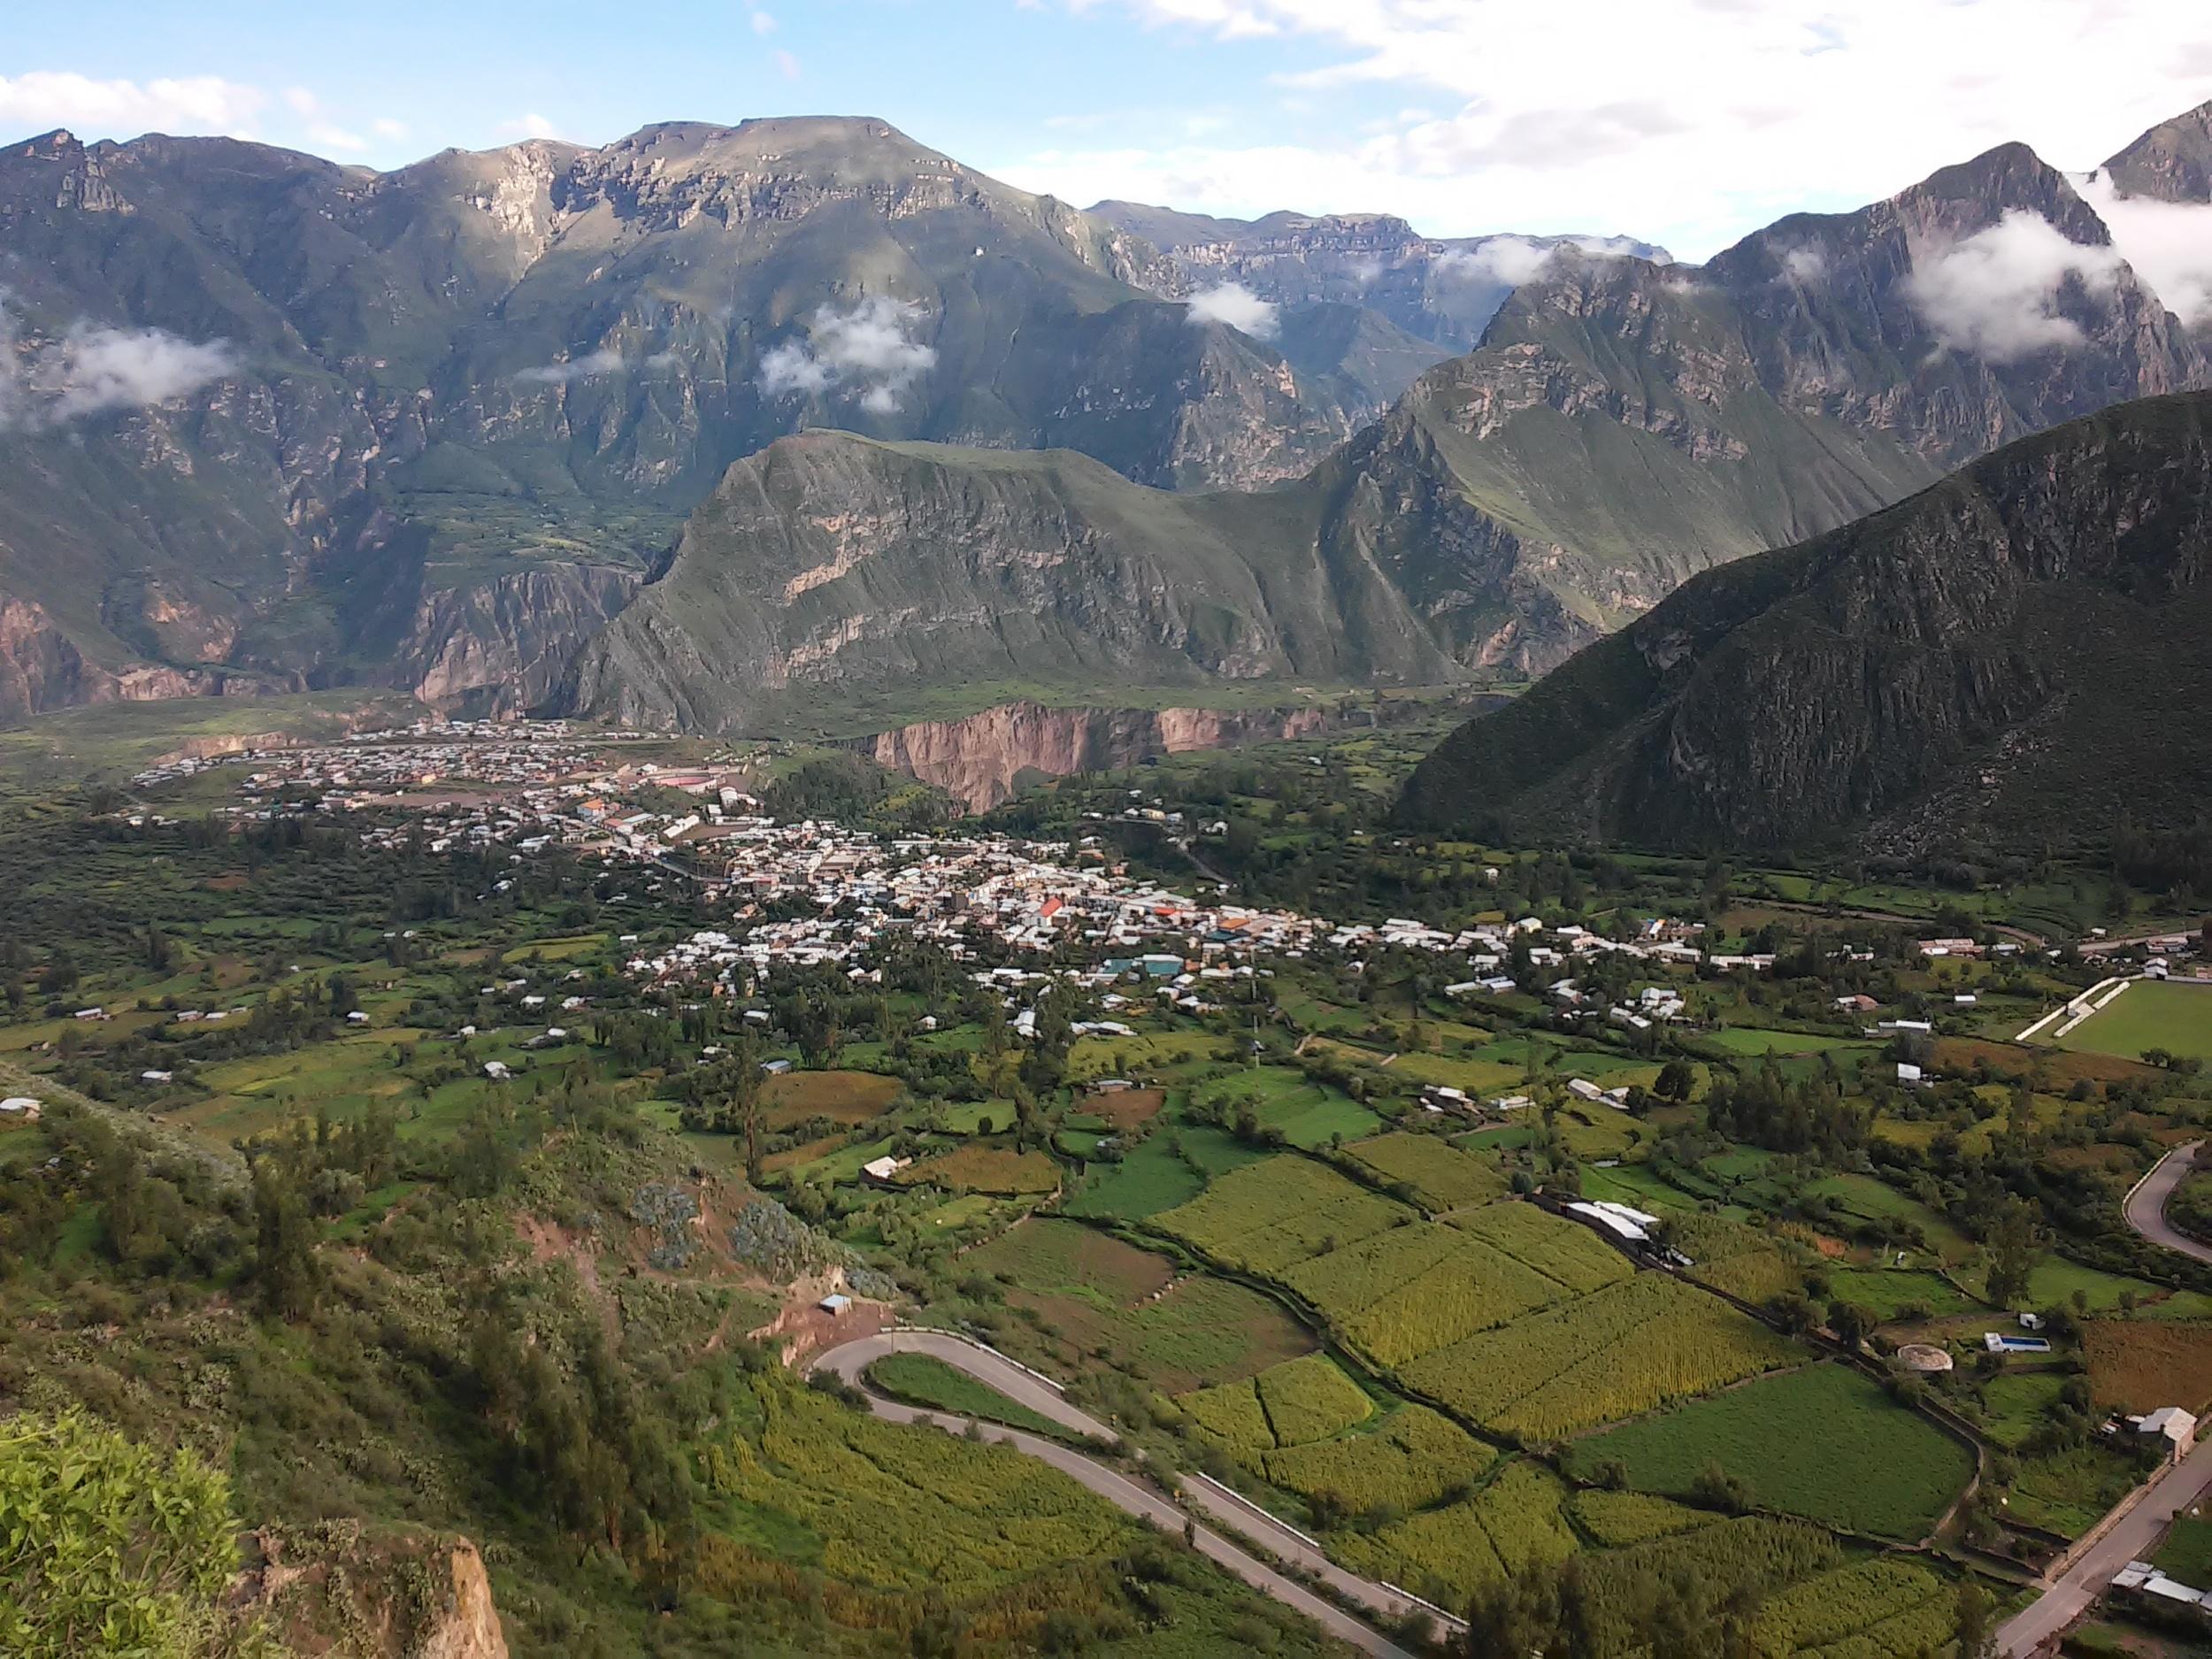 The town of Cotahuasi